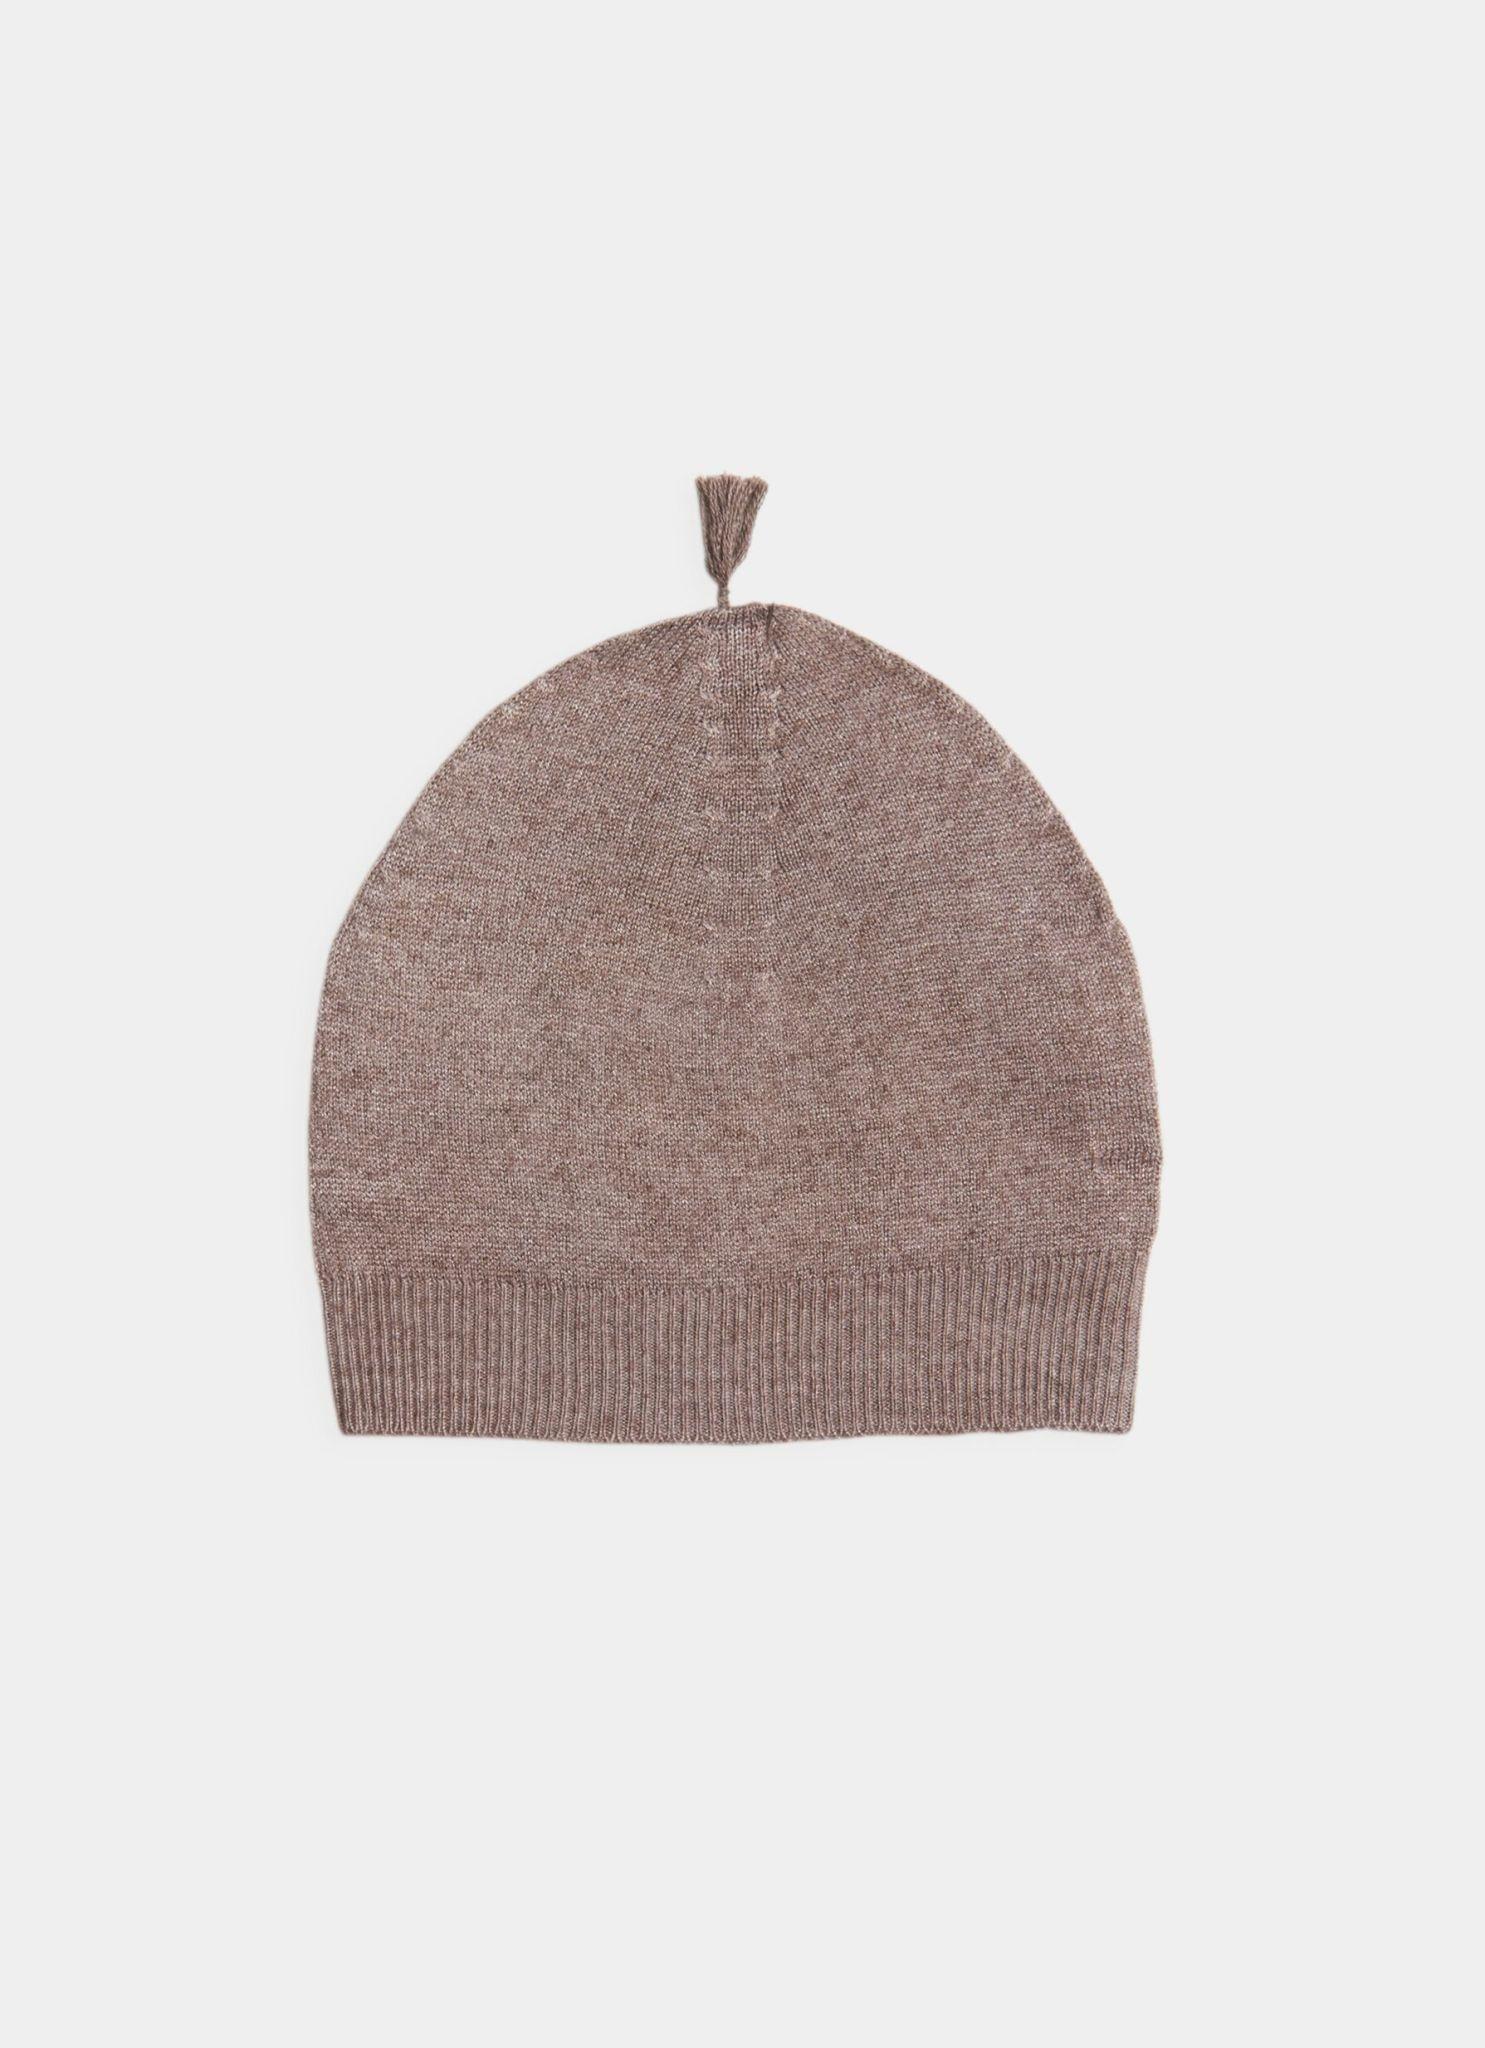 BELLE ENFANT Tassle Hat